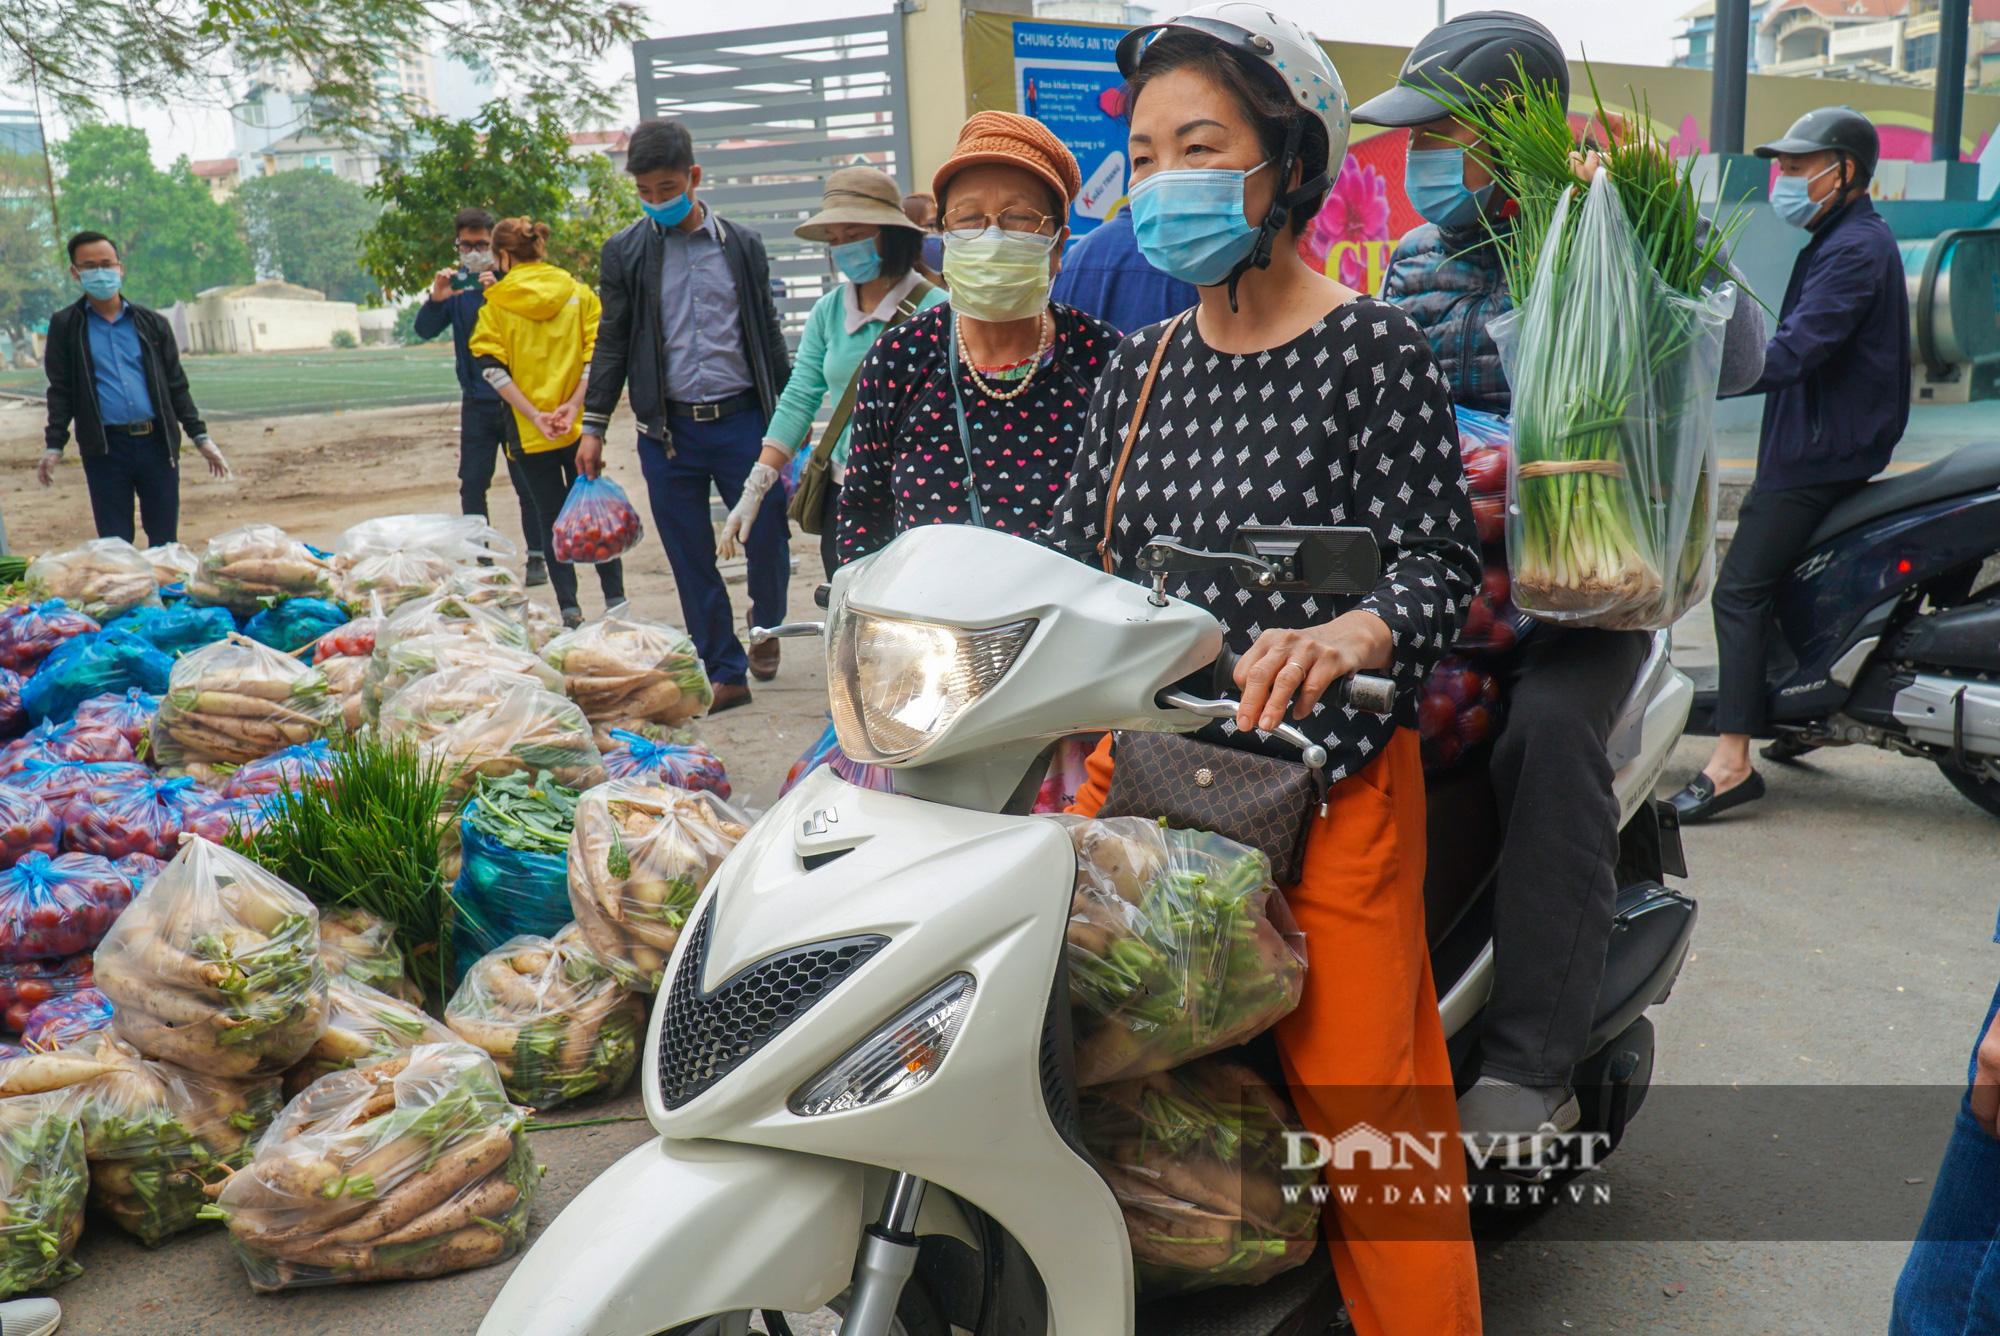 Hơn 4 tấn nông sản ở Mê Linh được giải cứu trong sáng nay - Ảnh 12.